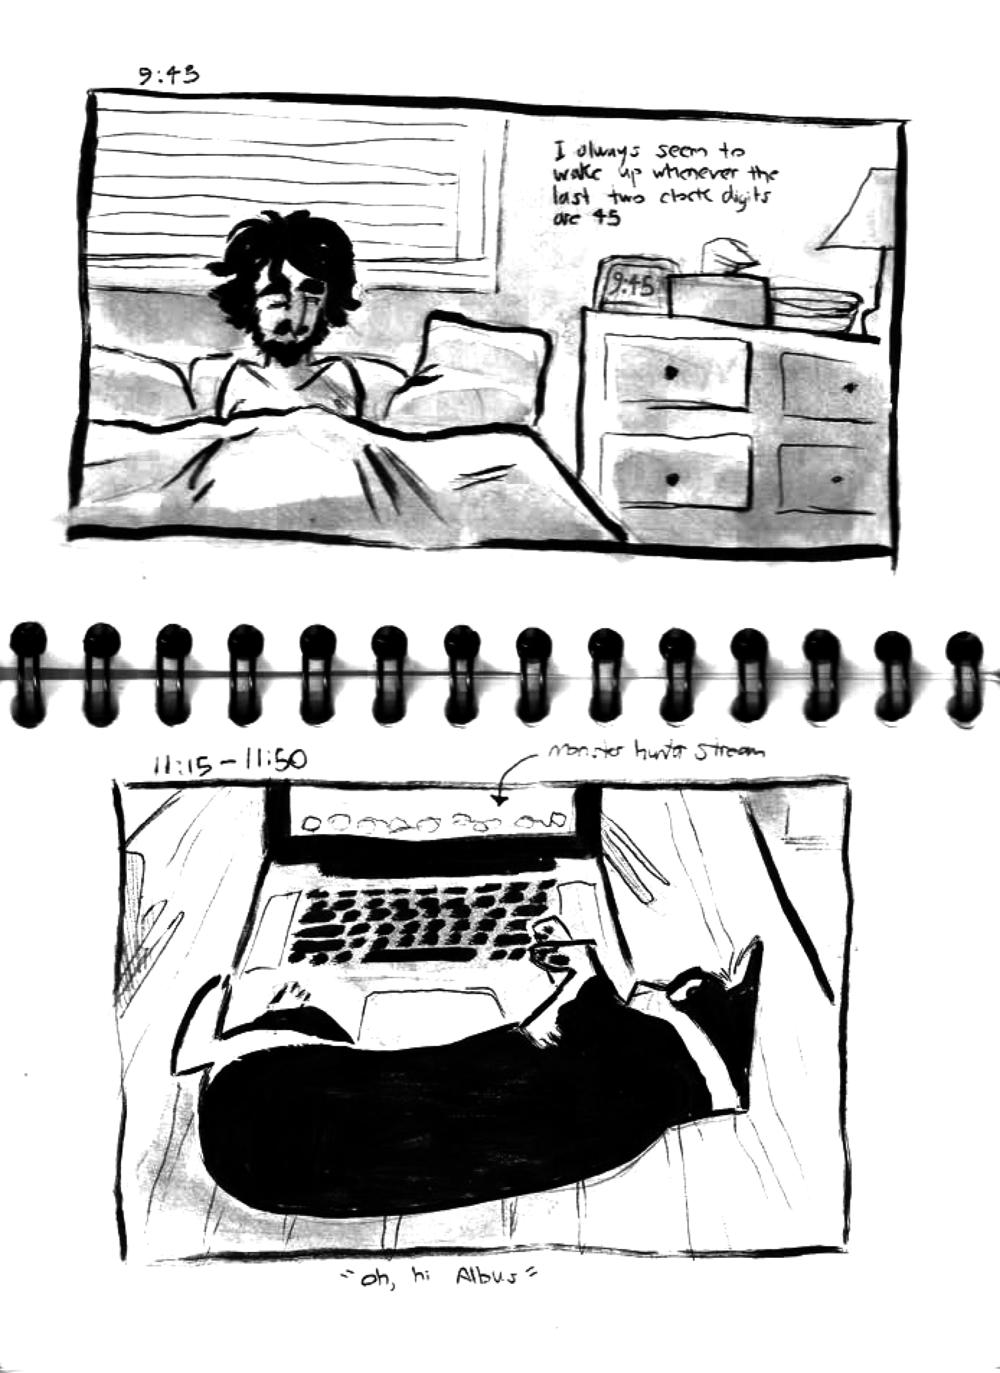 Dartevelle_SP_Sketchbook_1-1.png